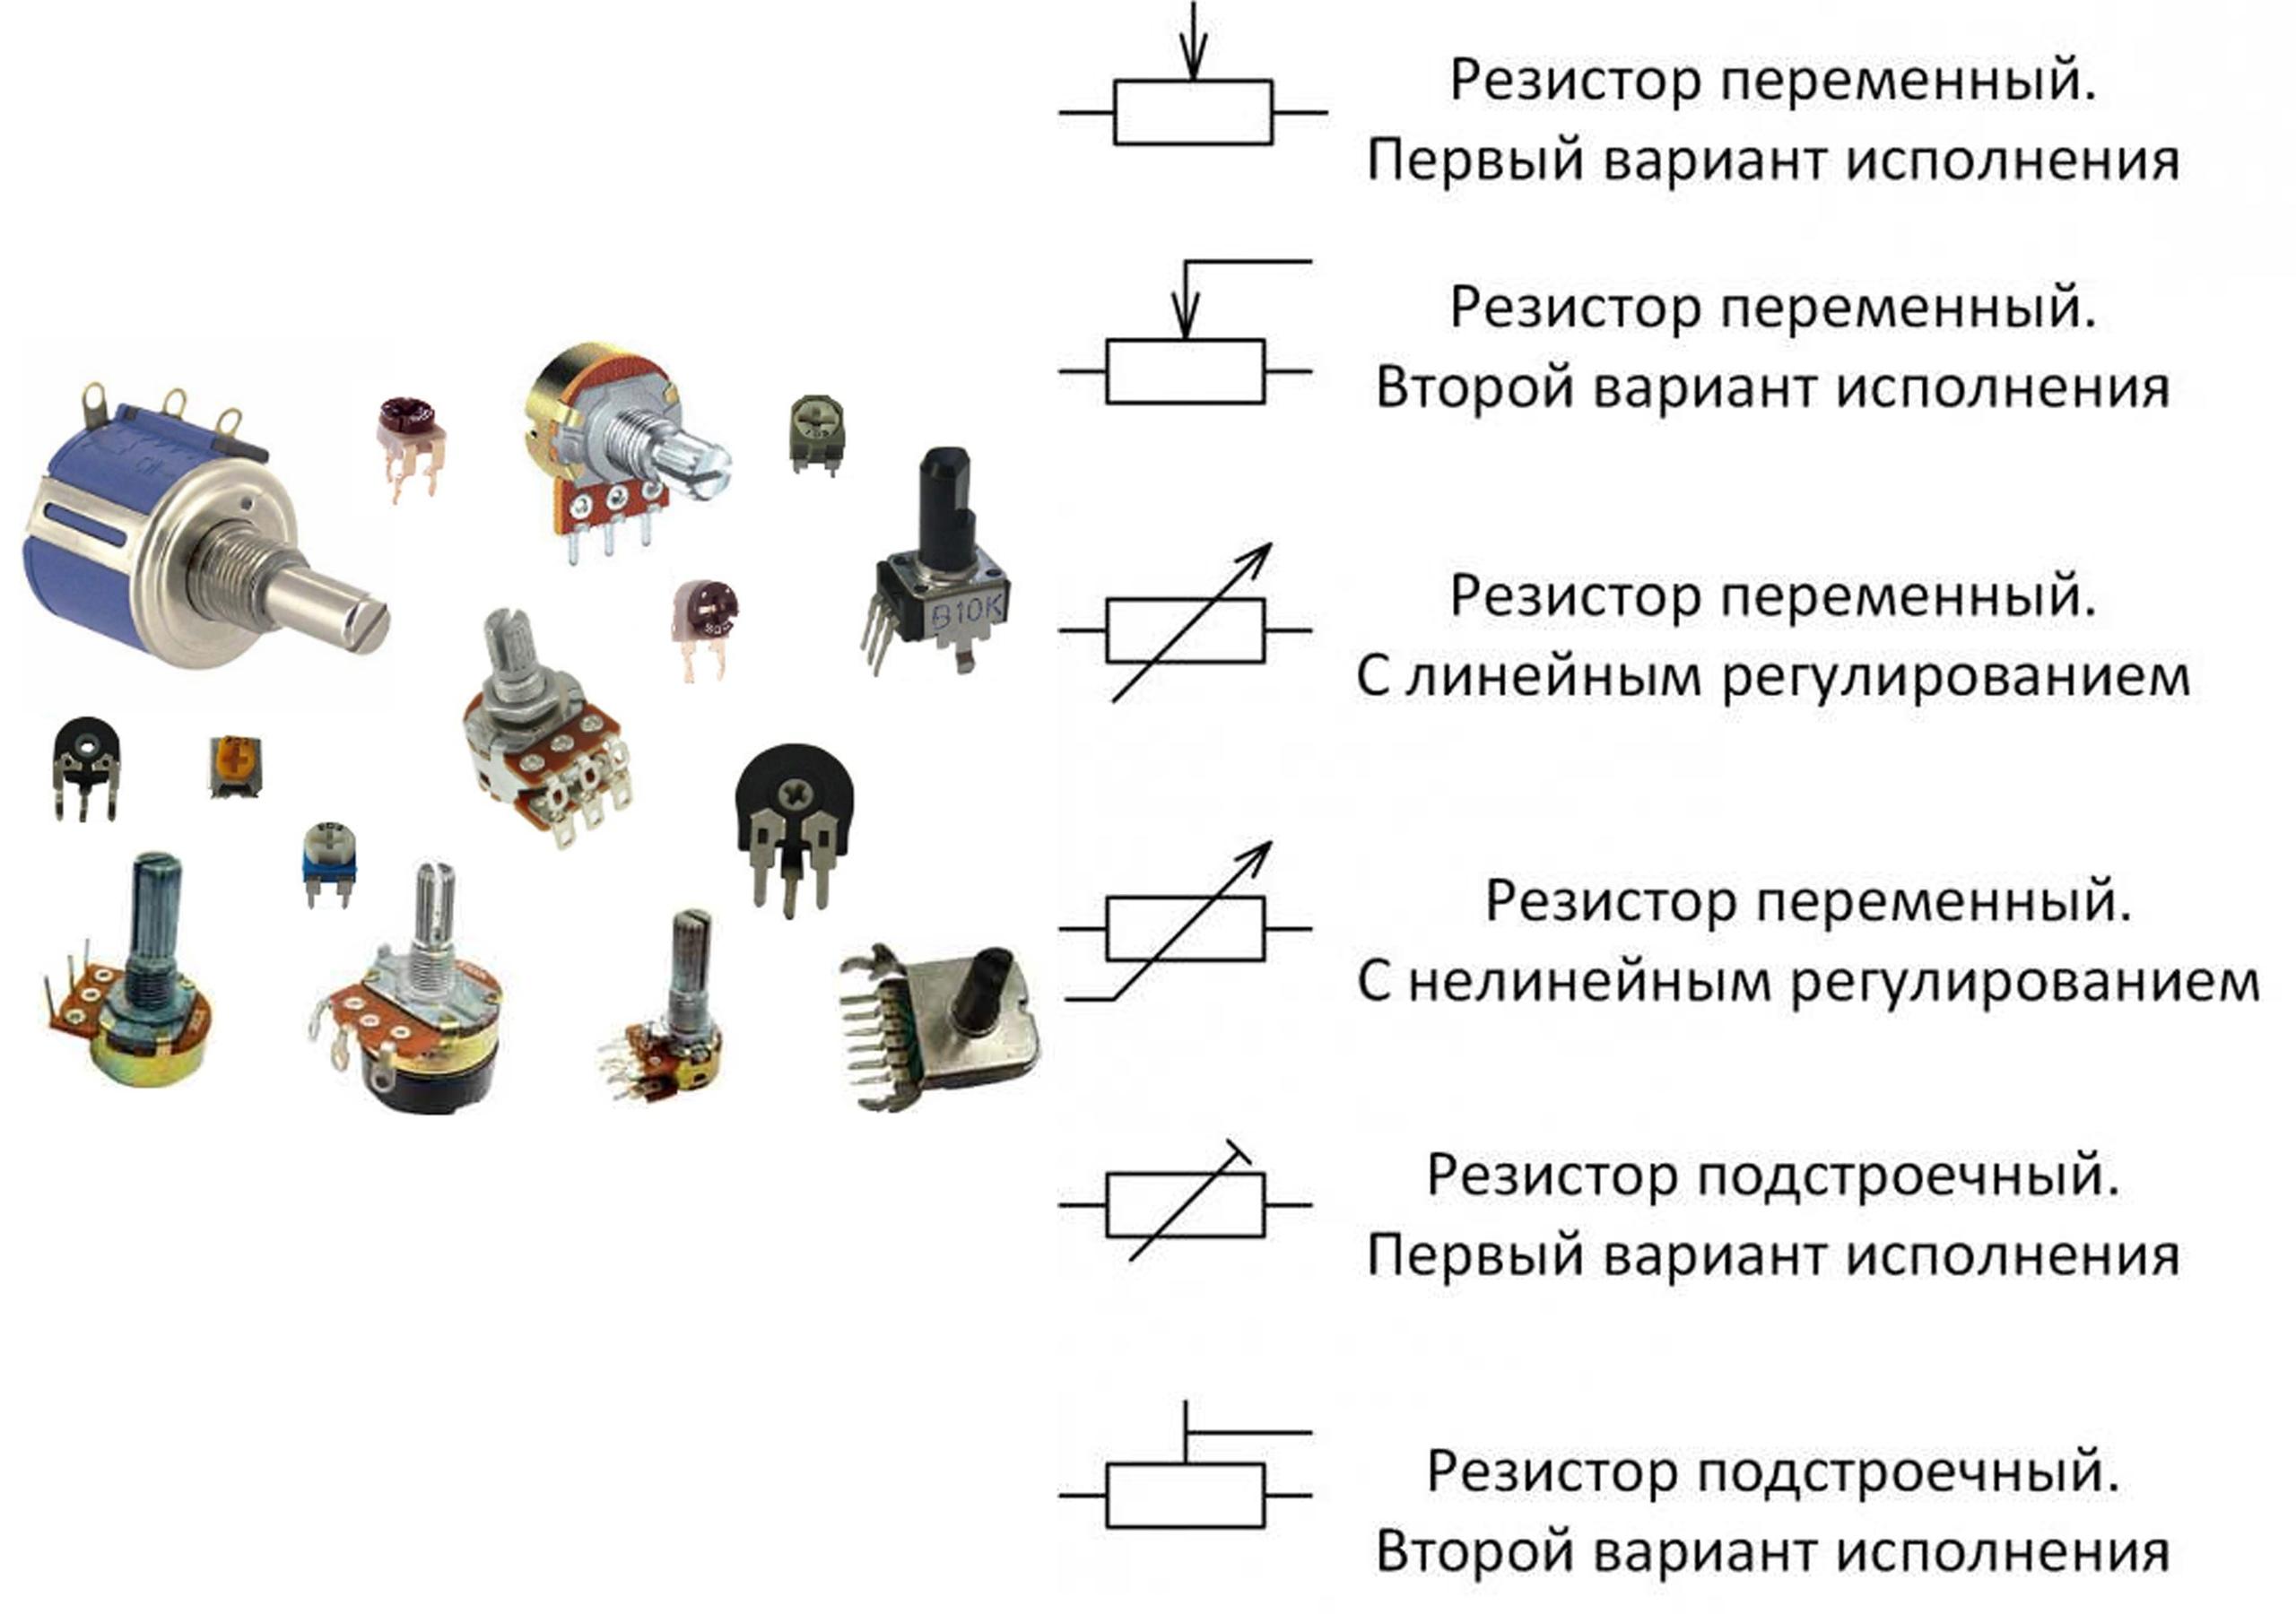 Что такое подстроечный резистор: описание устройства и область его применения